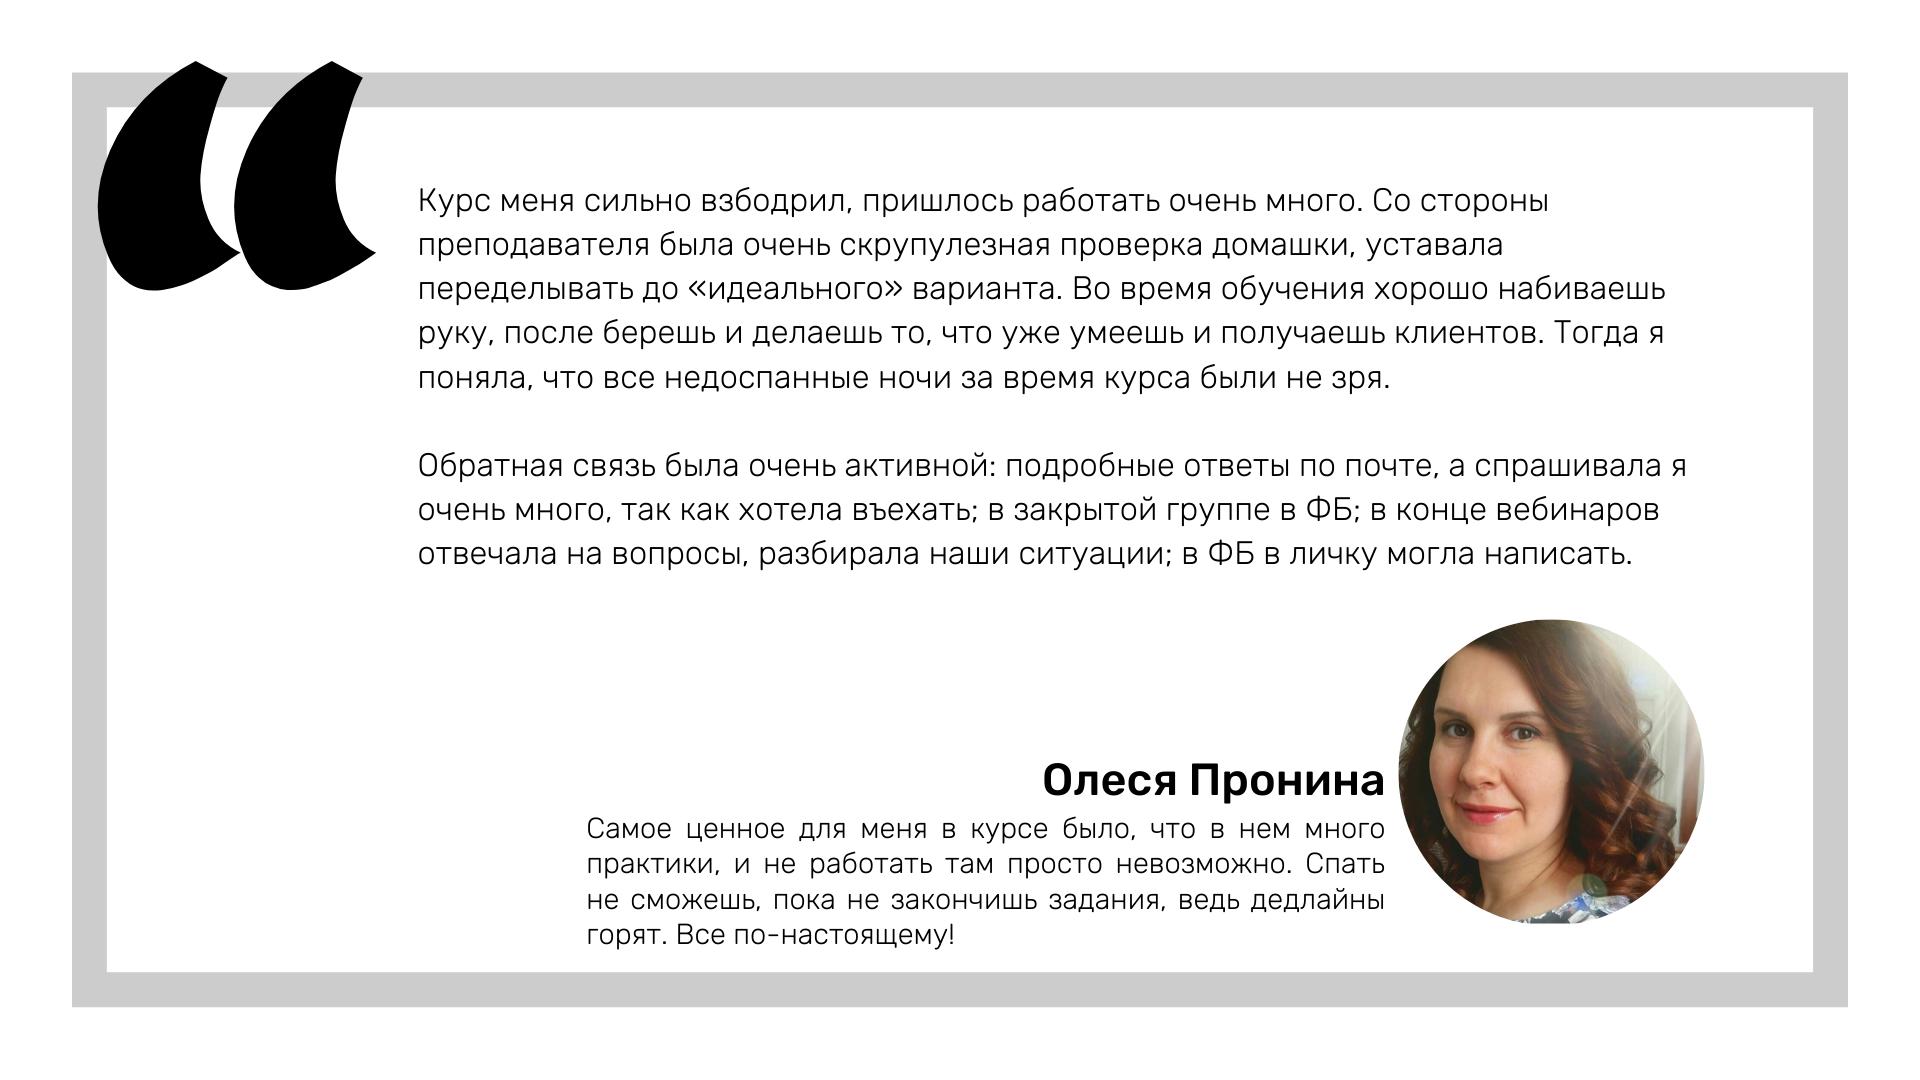 Отзыв о школе Олеси Прониной